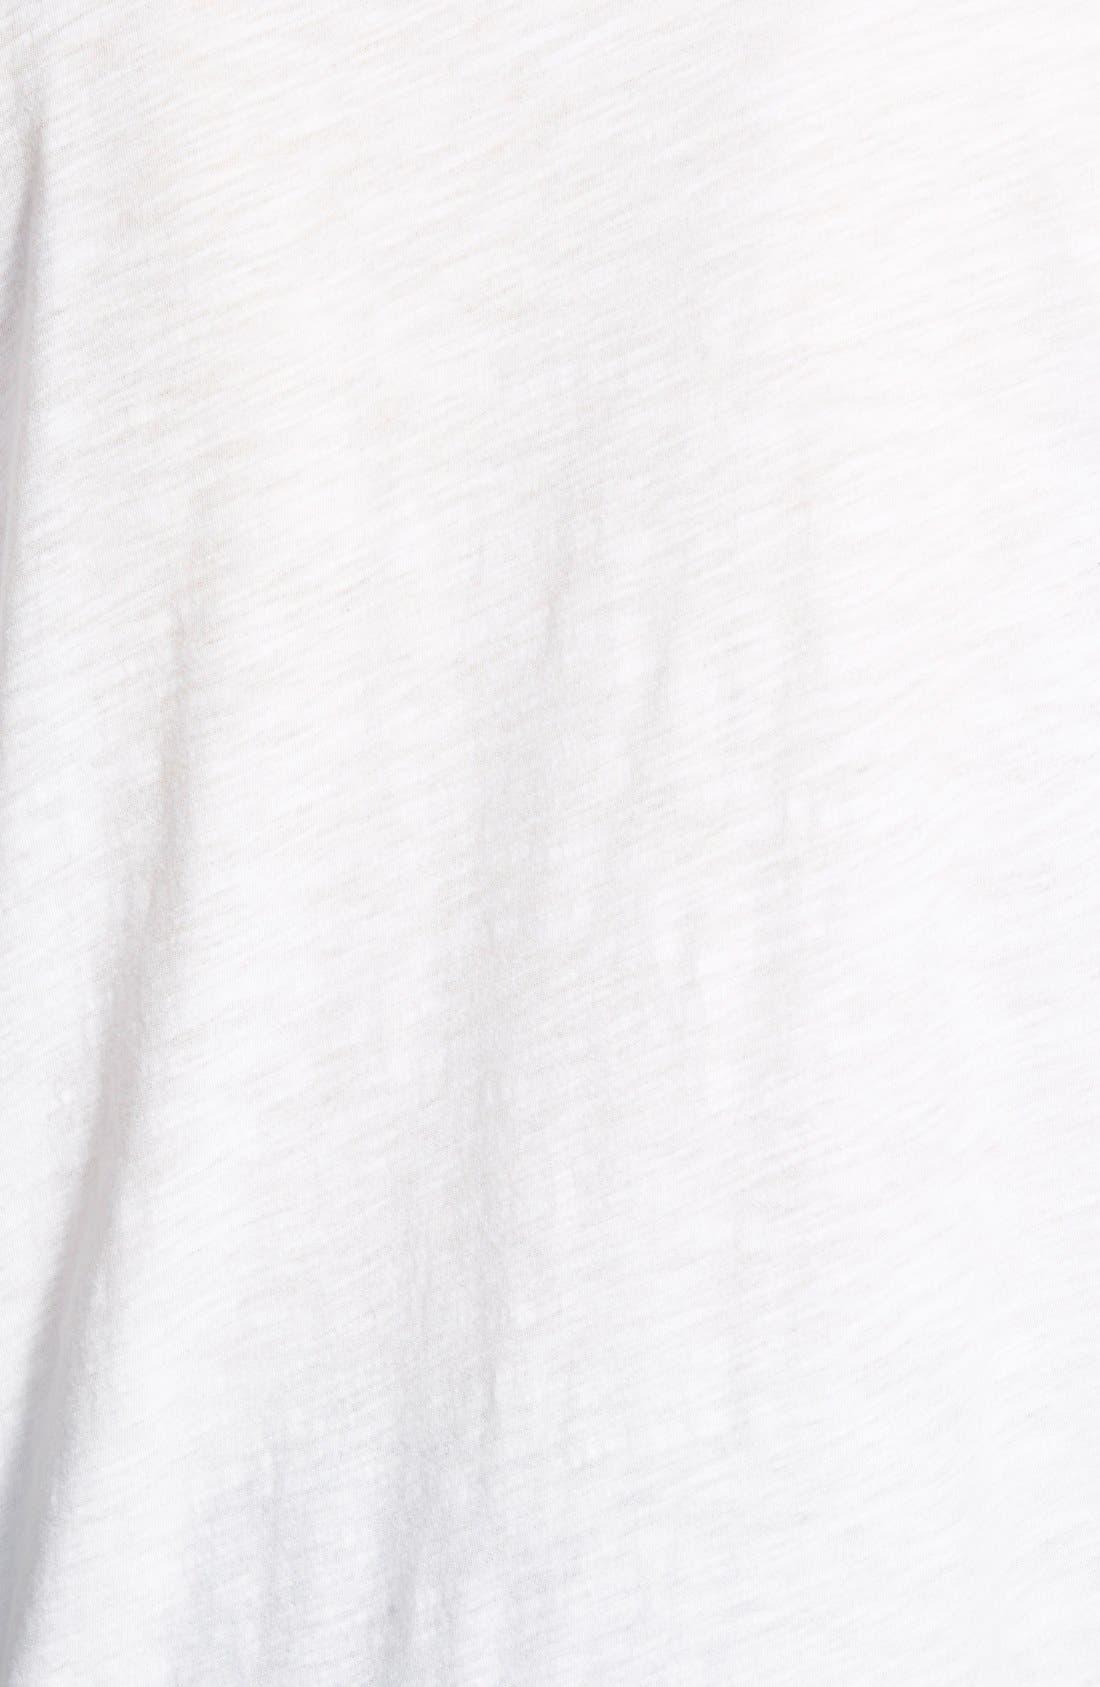 MADEWELL, Whisper Cotton V-Neck Pocket Tee, Alternate thumbnail 4, color, 100